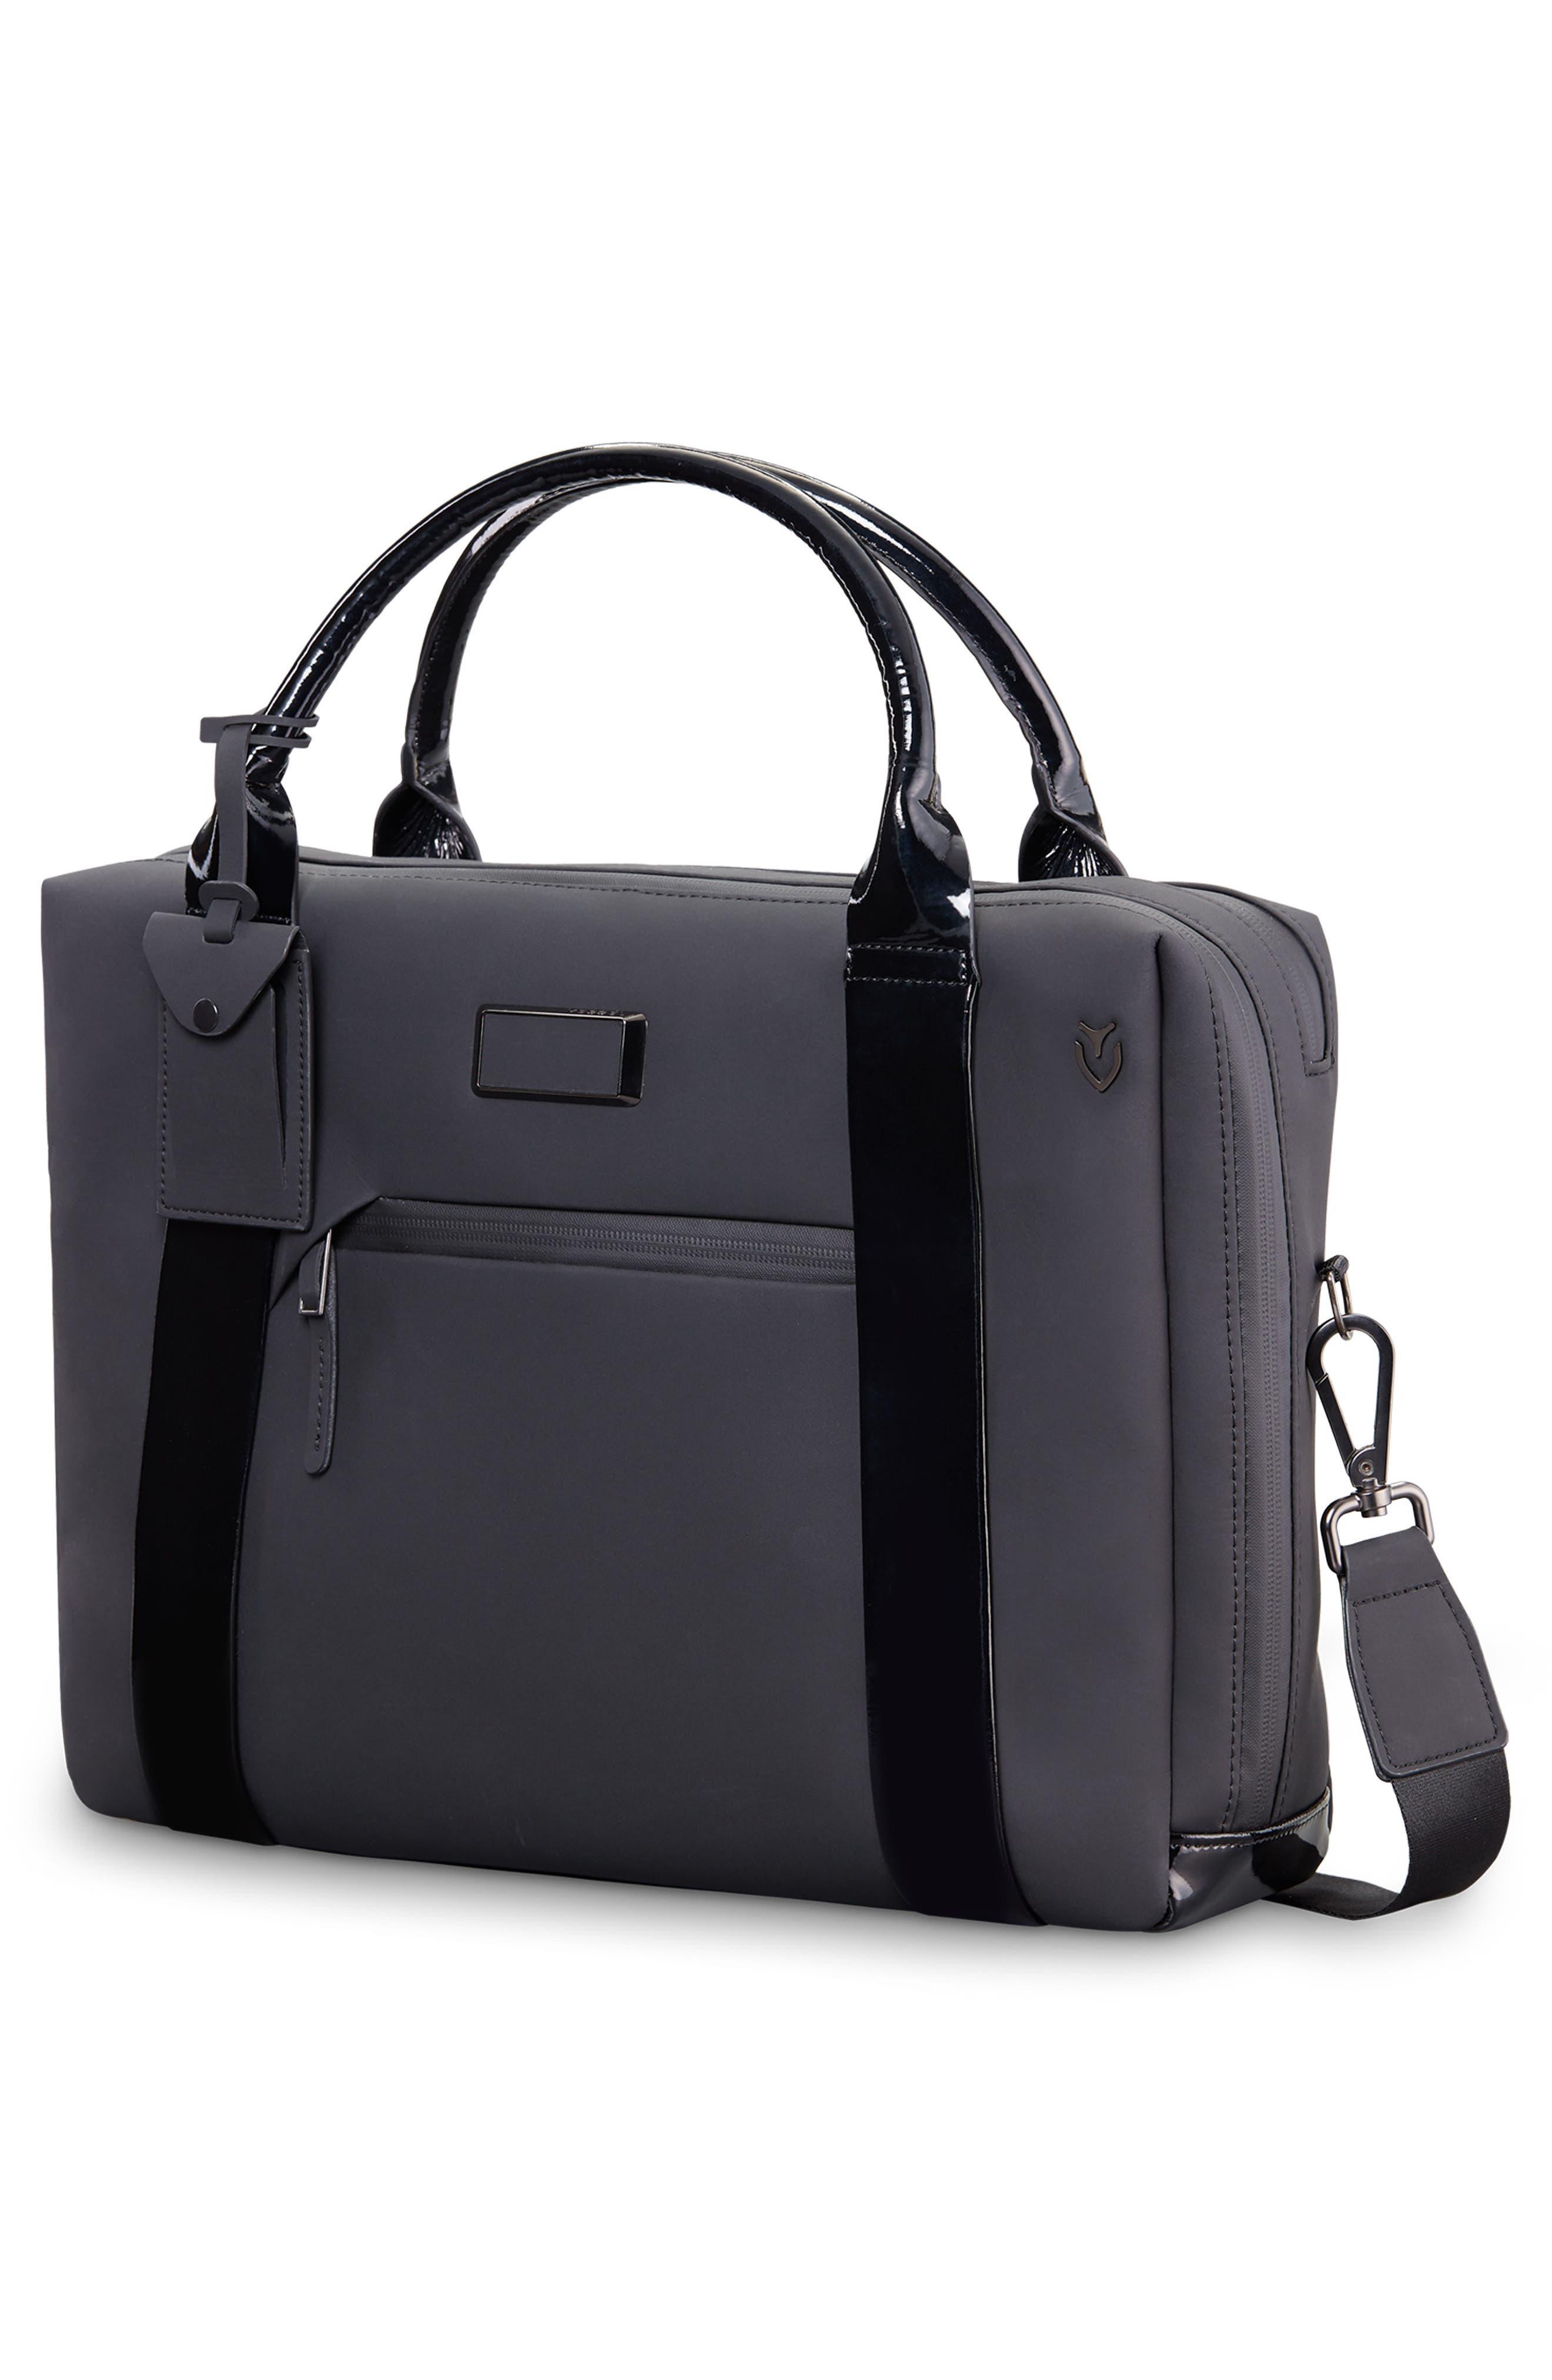 VESSEL, Signature 2.0 Faux Leather Briefcase, Alternate thumbnail 4, color, MATTE/ PATENT BLACK